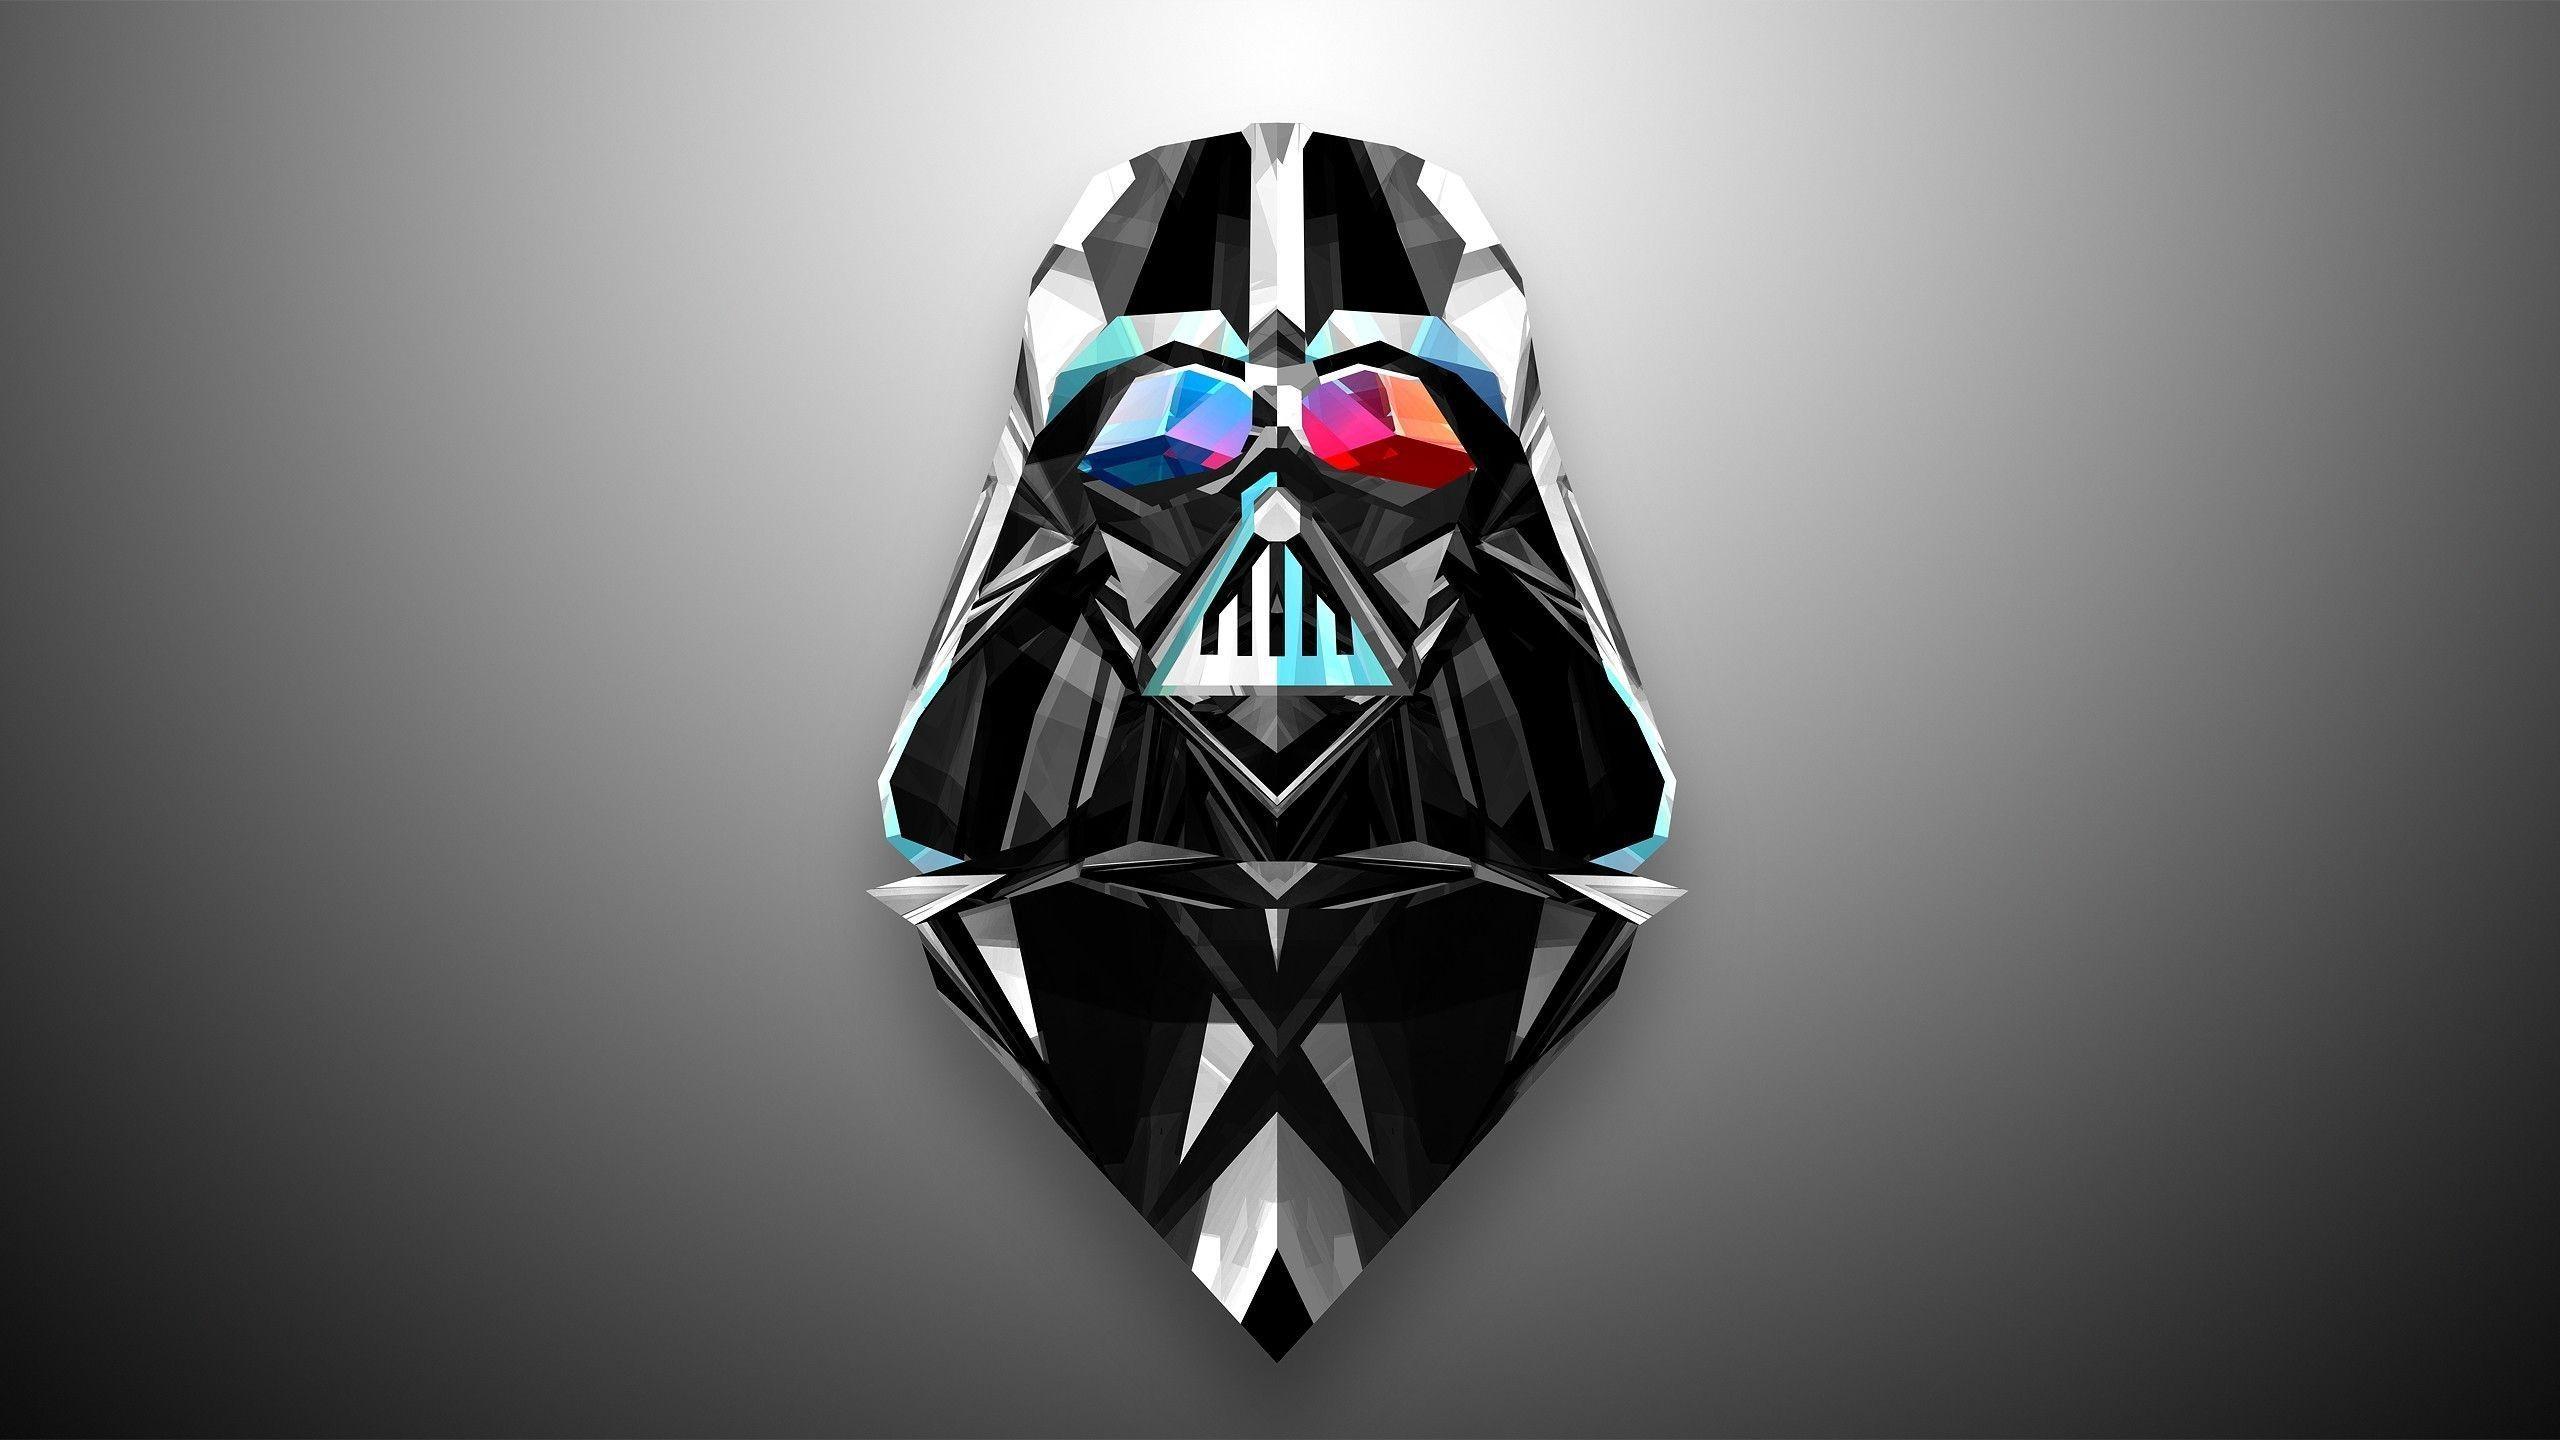 174 Darth Vader HD Wallpapers